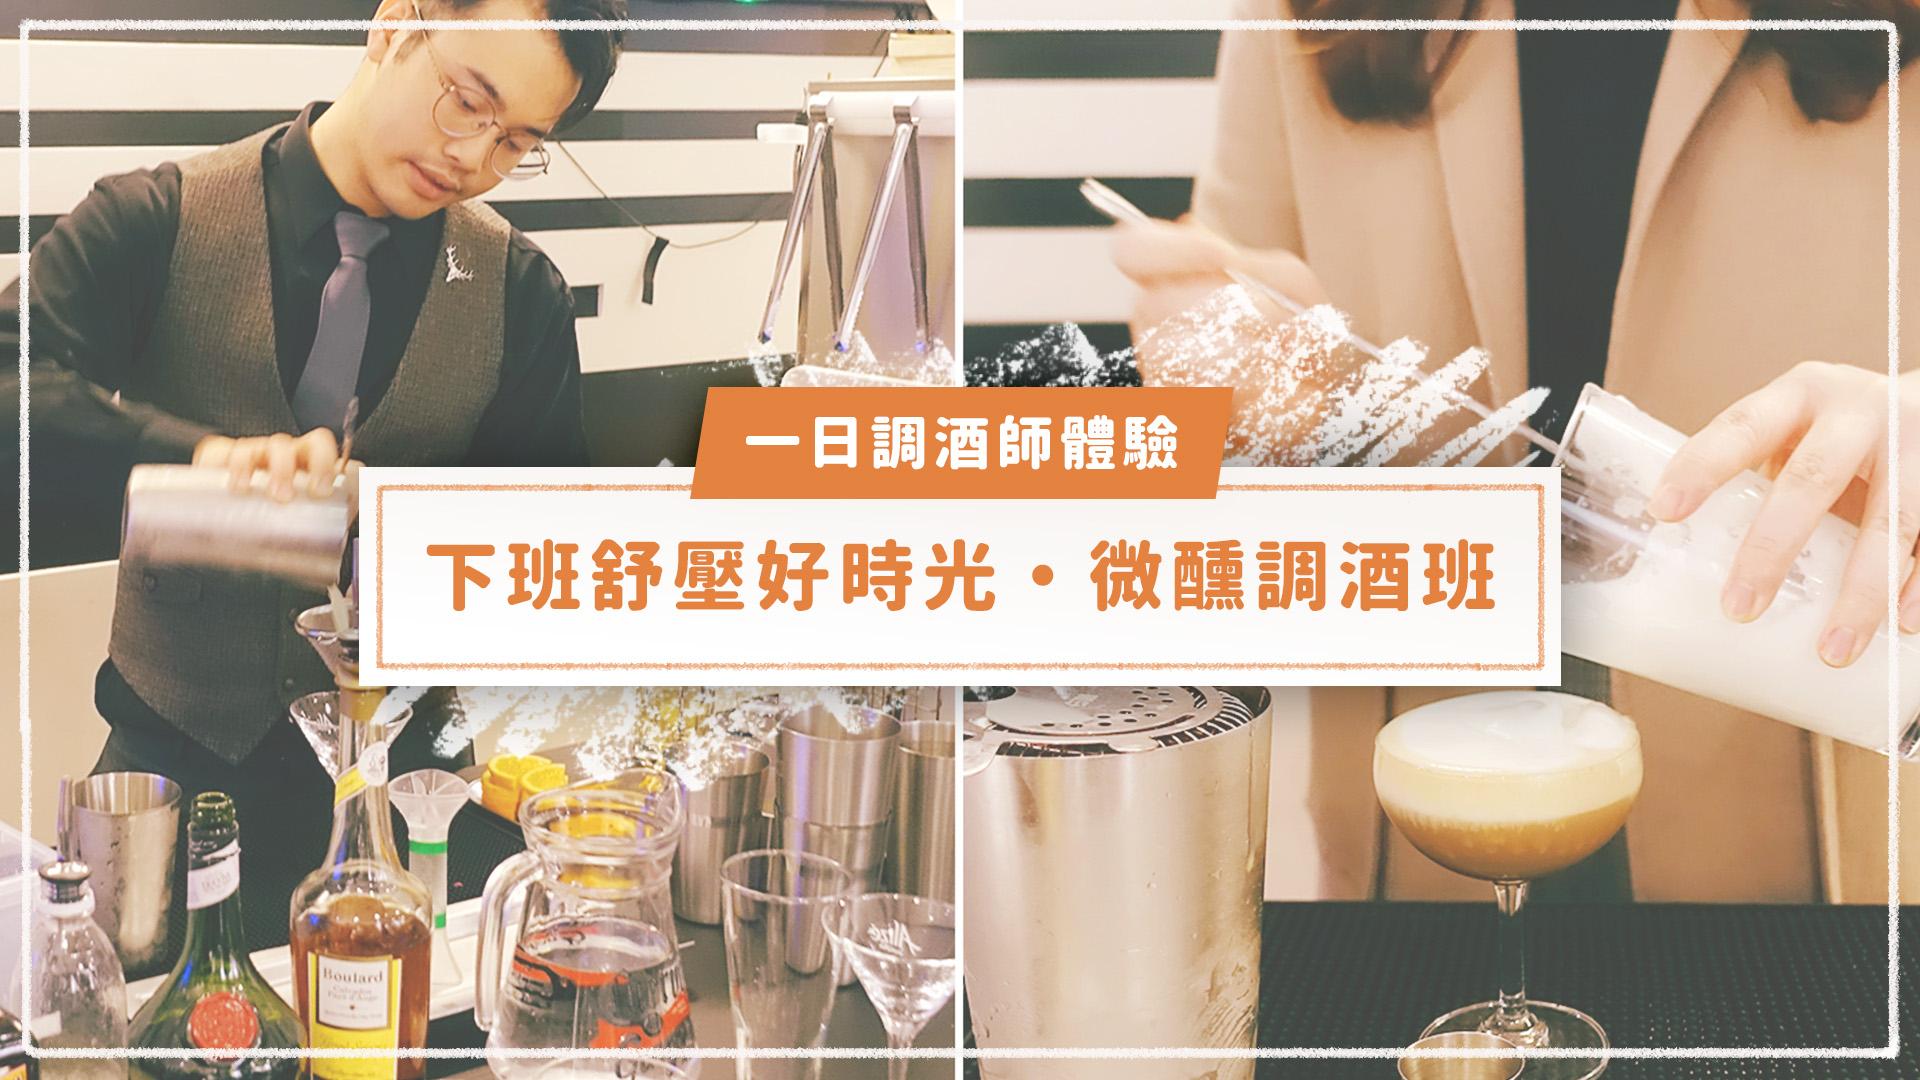 【台北調酒課程推薦|米絲阿樂局】雙人調酒體驗,挑戰一日Bartender